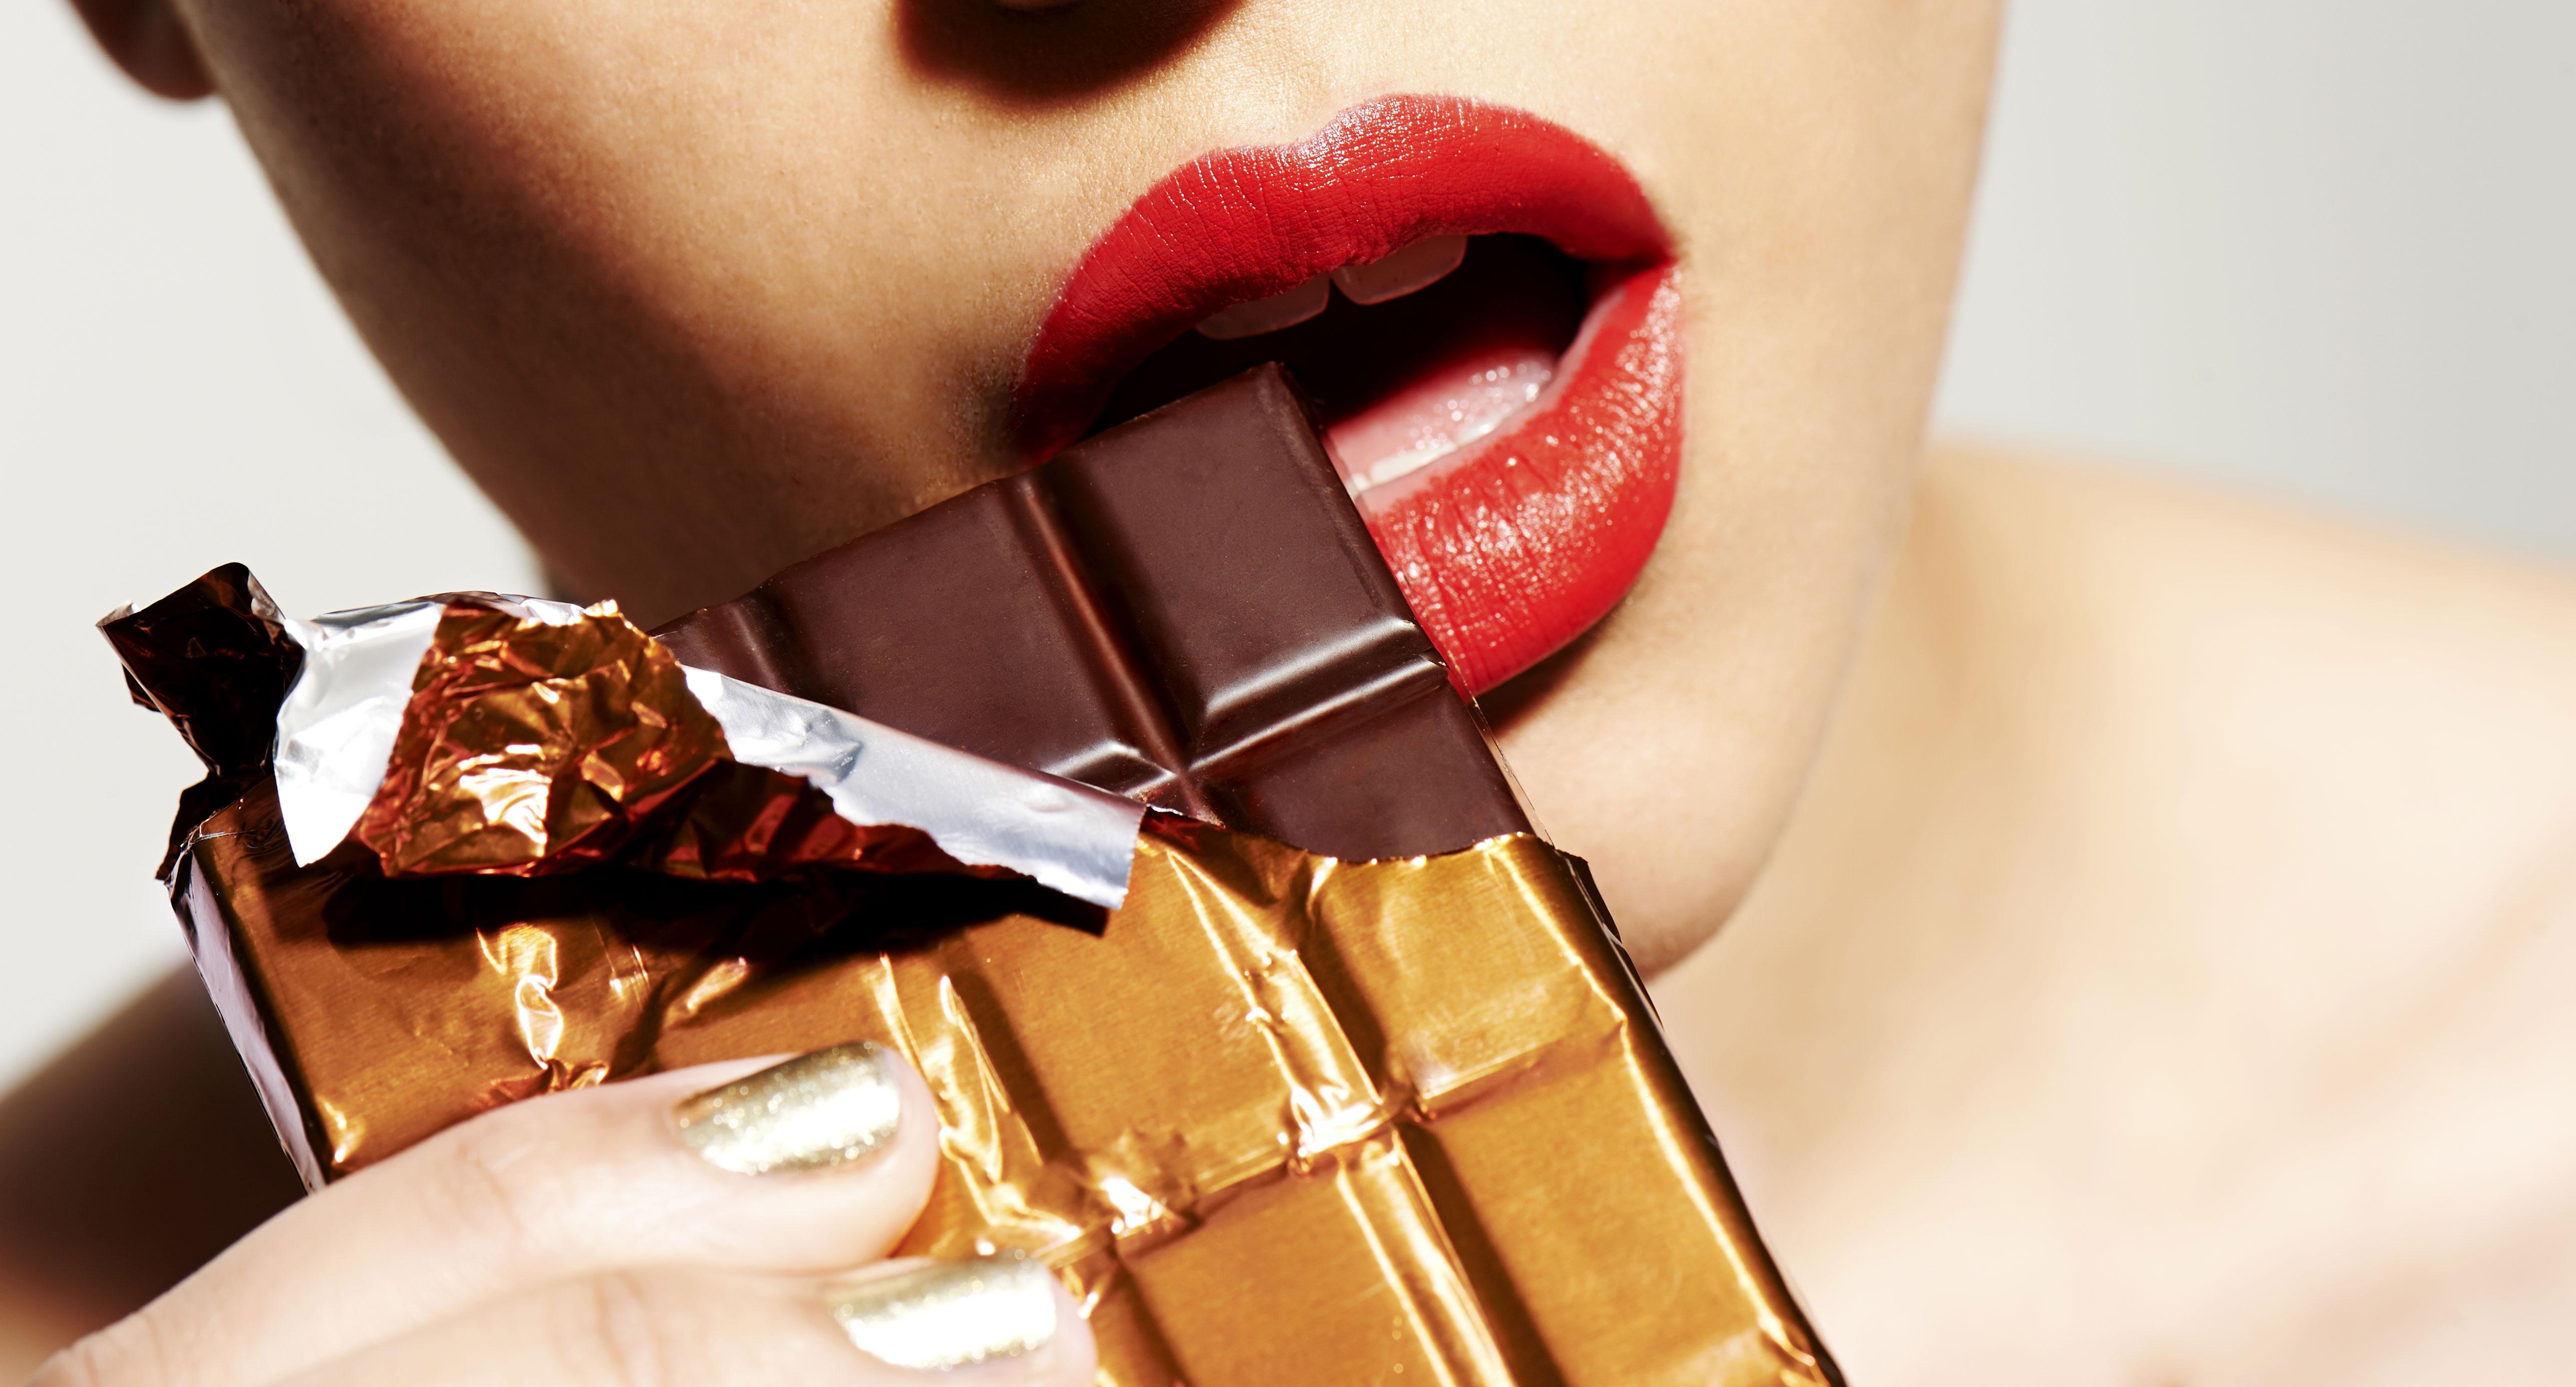 Heureux chocolat ... dans Pâques femme-mange-tablette-chocolat-rouge-levres-rouge